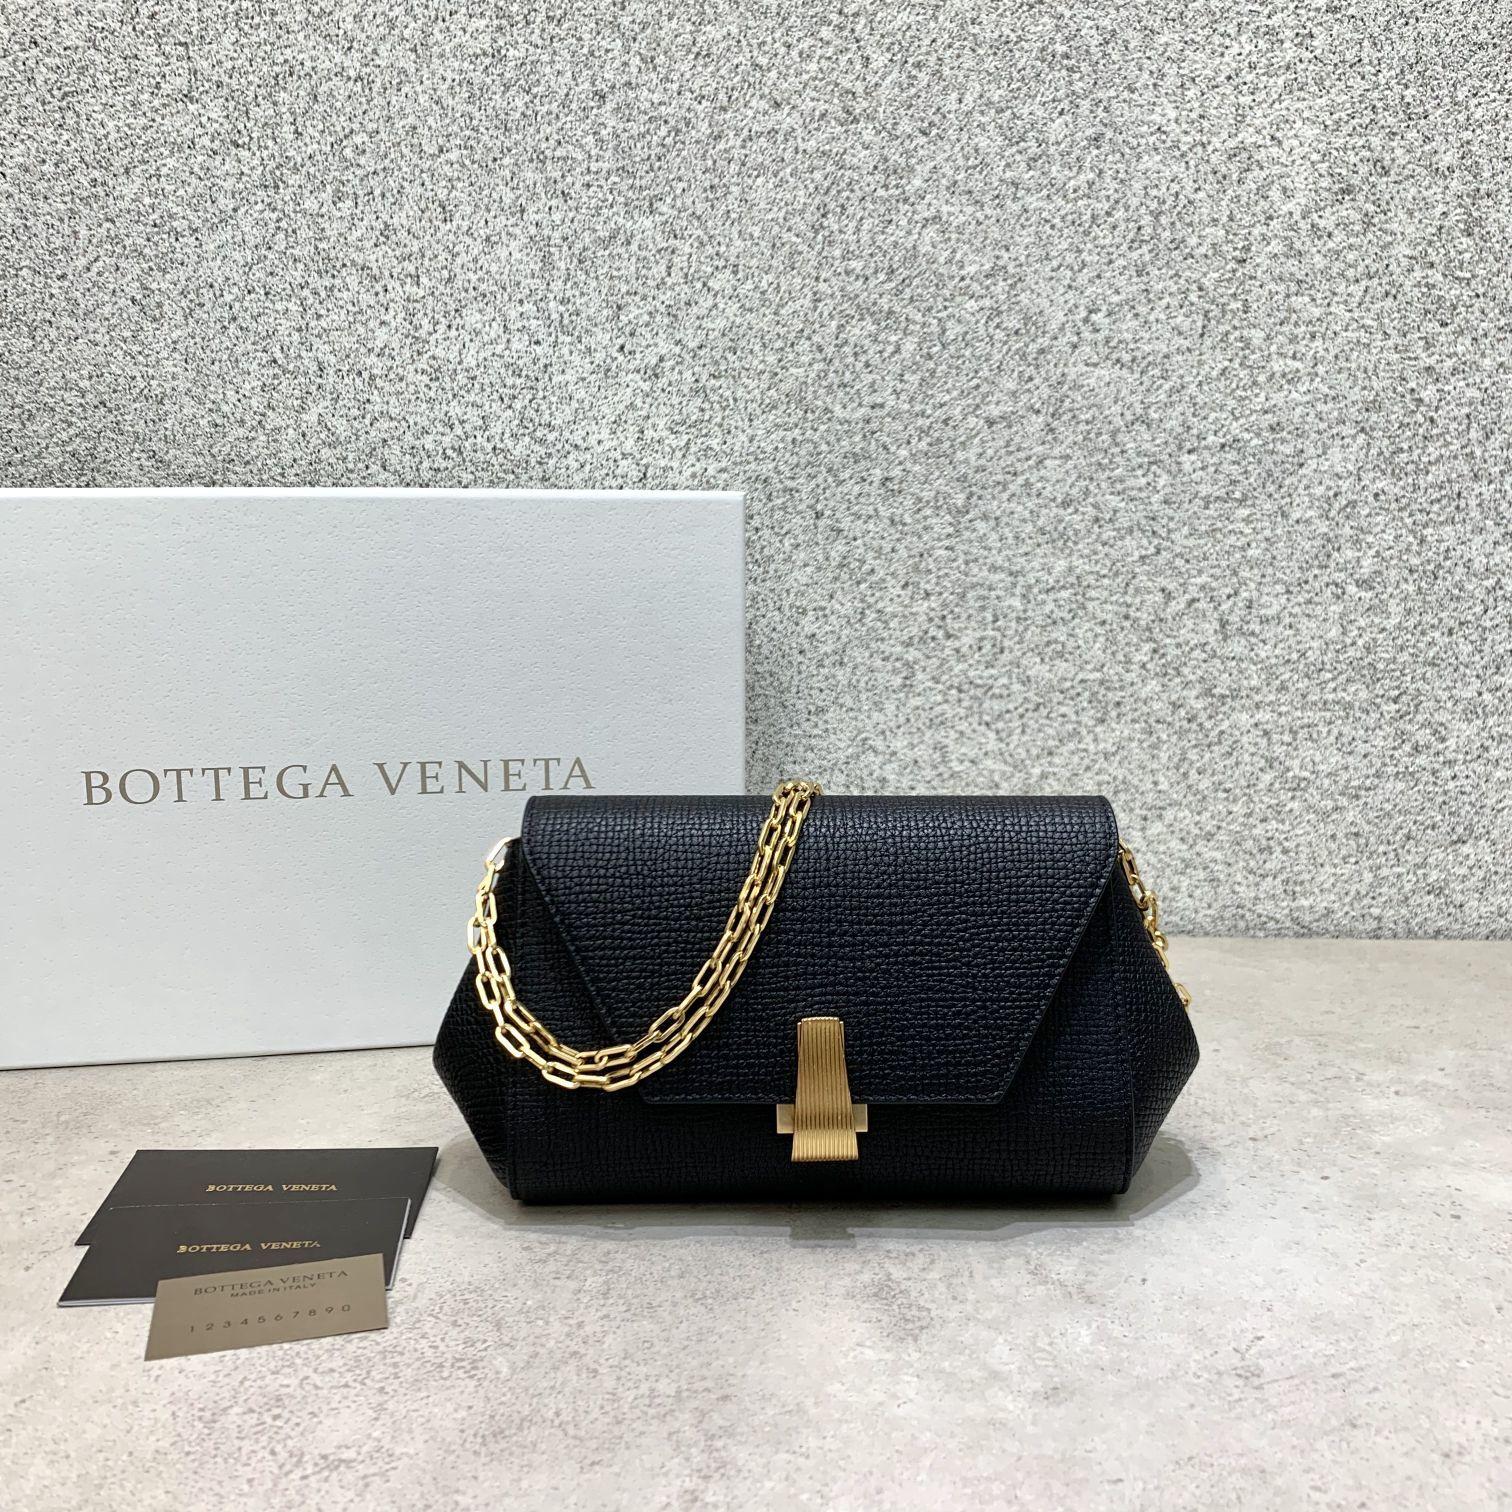 BV Angle bag 新款mini Bottega Venetaangle bag系列(图6)